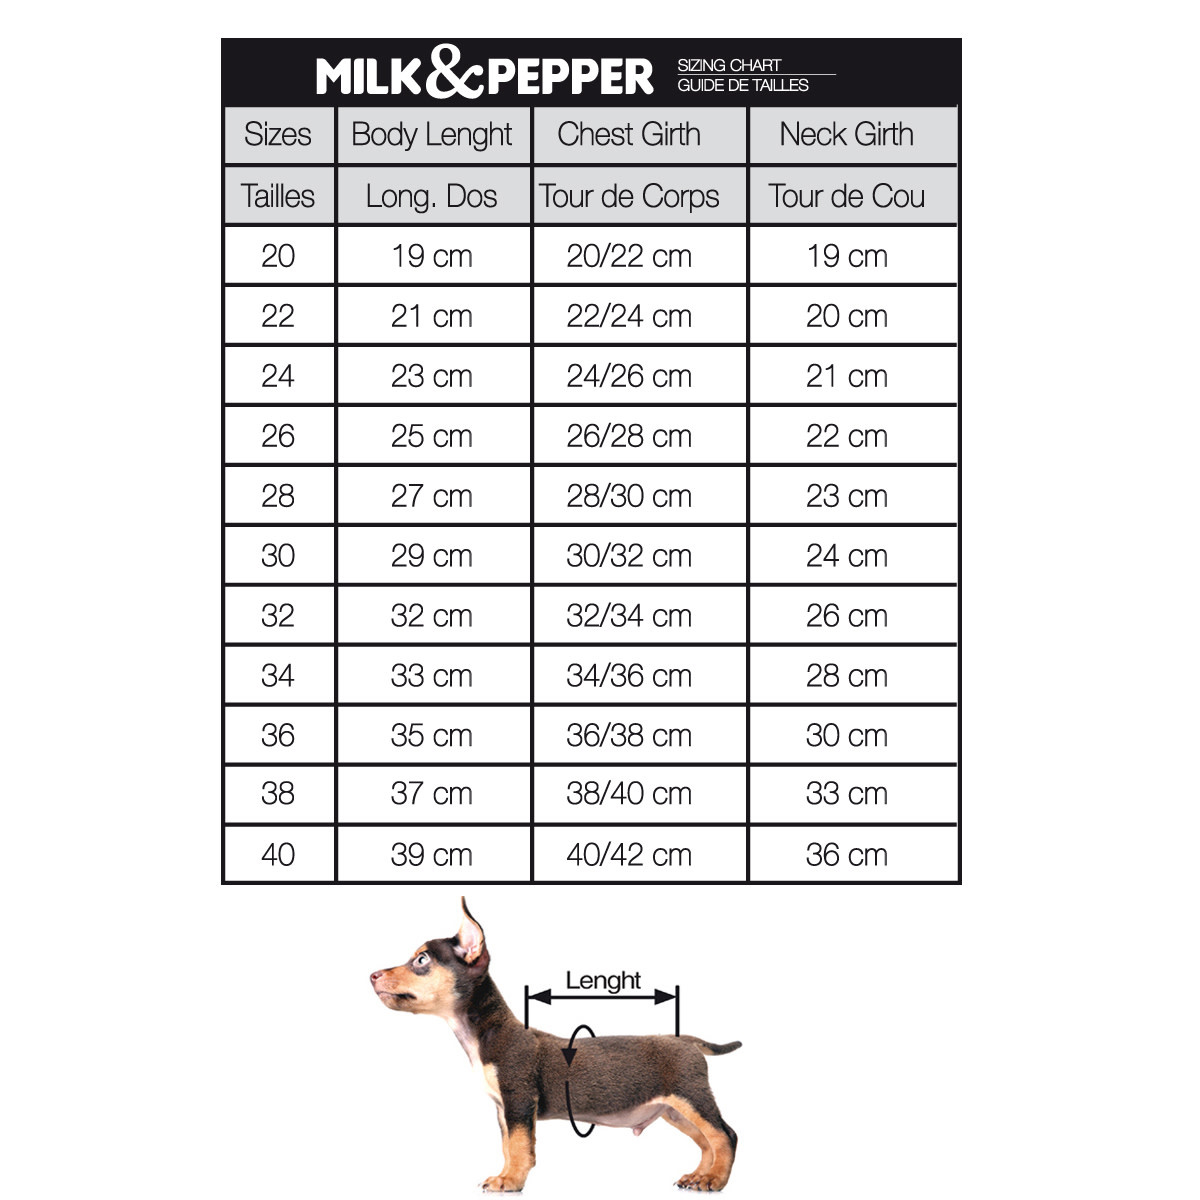 Milk&pepper admiral 28cm